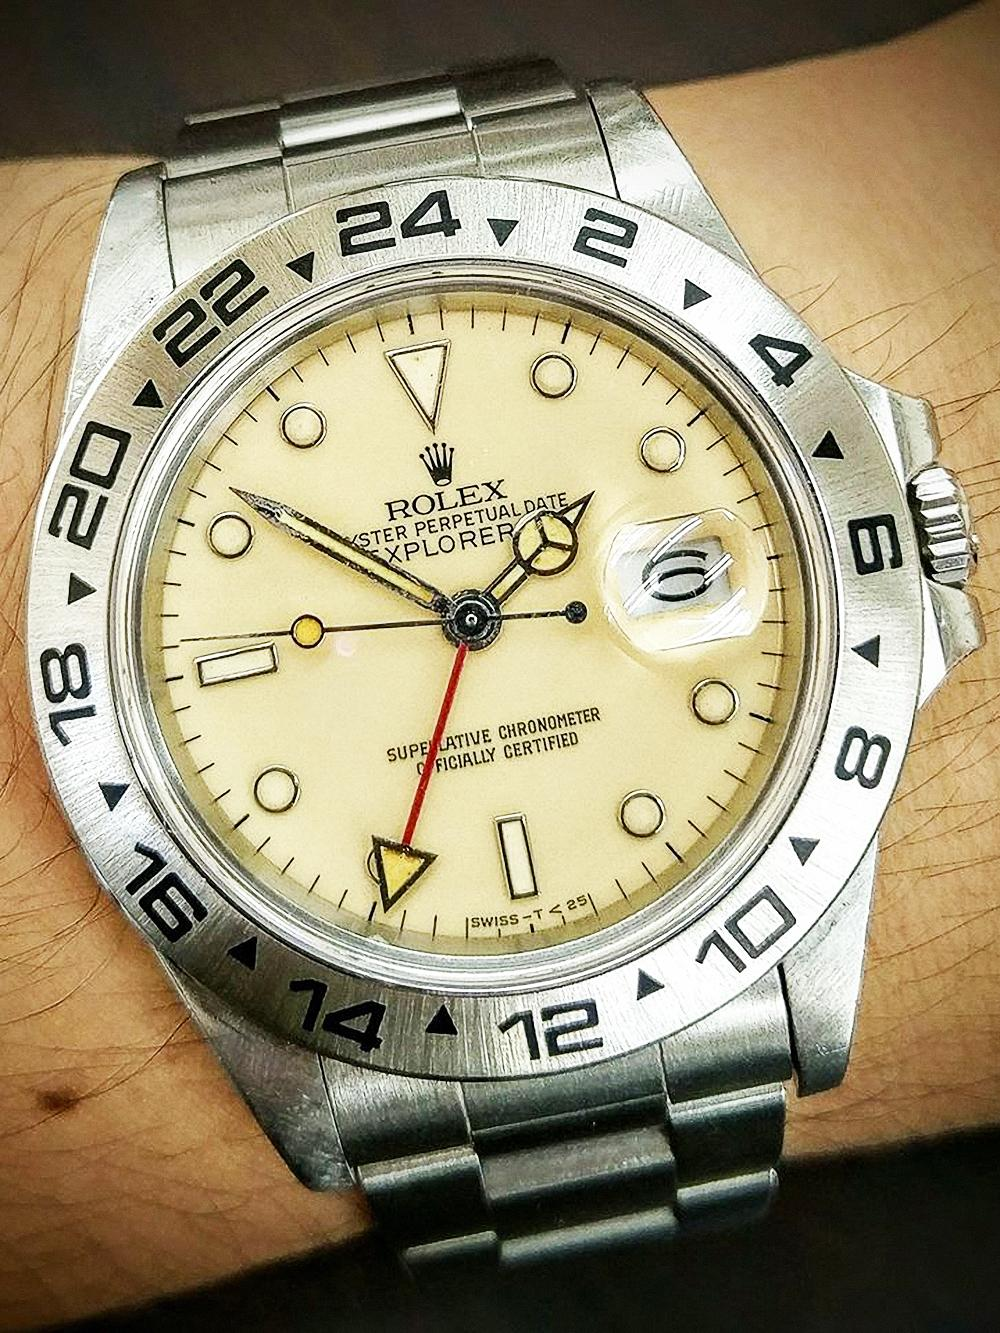 筆者9月18日送到RSC保養的是一只80年代末期生產的Explorer II Ref.16550,原本雪白的面盤因材質劣化,氧化成別緻的奶油色。由於此錶機芯為Cal.3085世代,依規定必須付費保養才能同時進行驗錶。